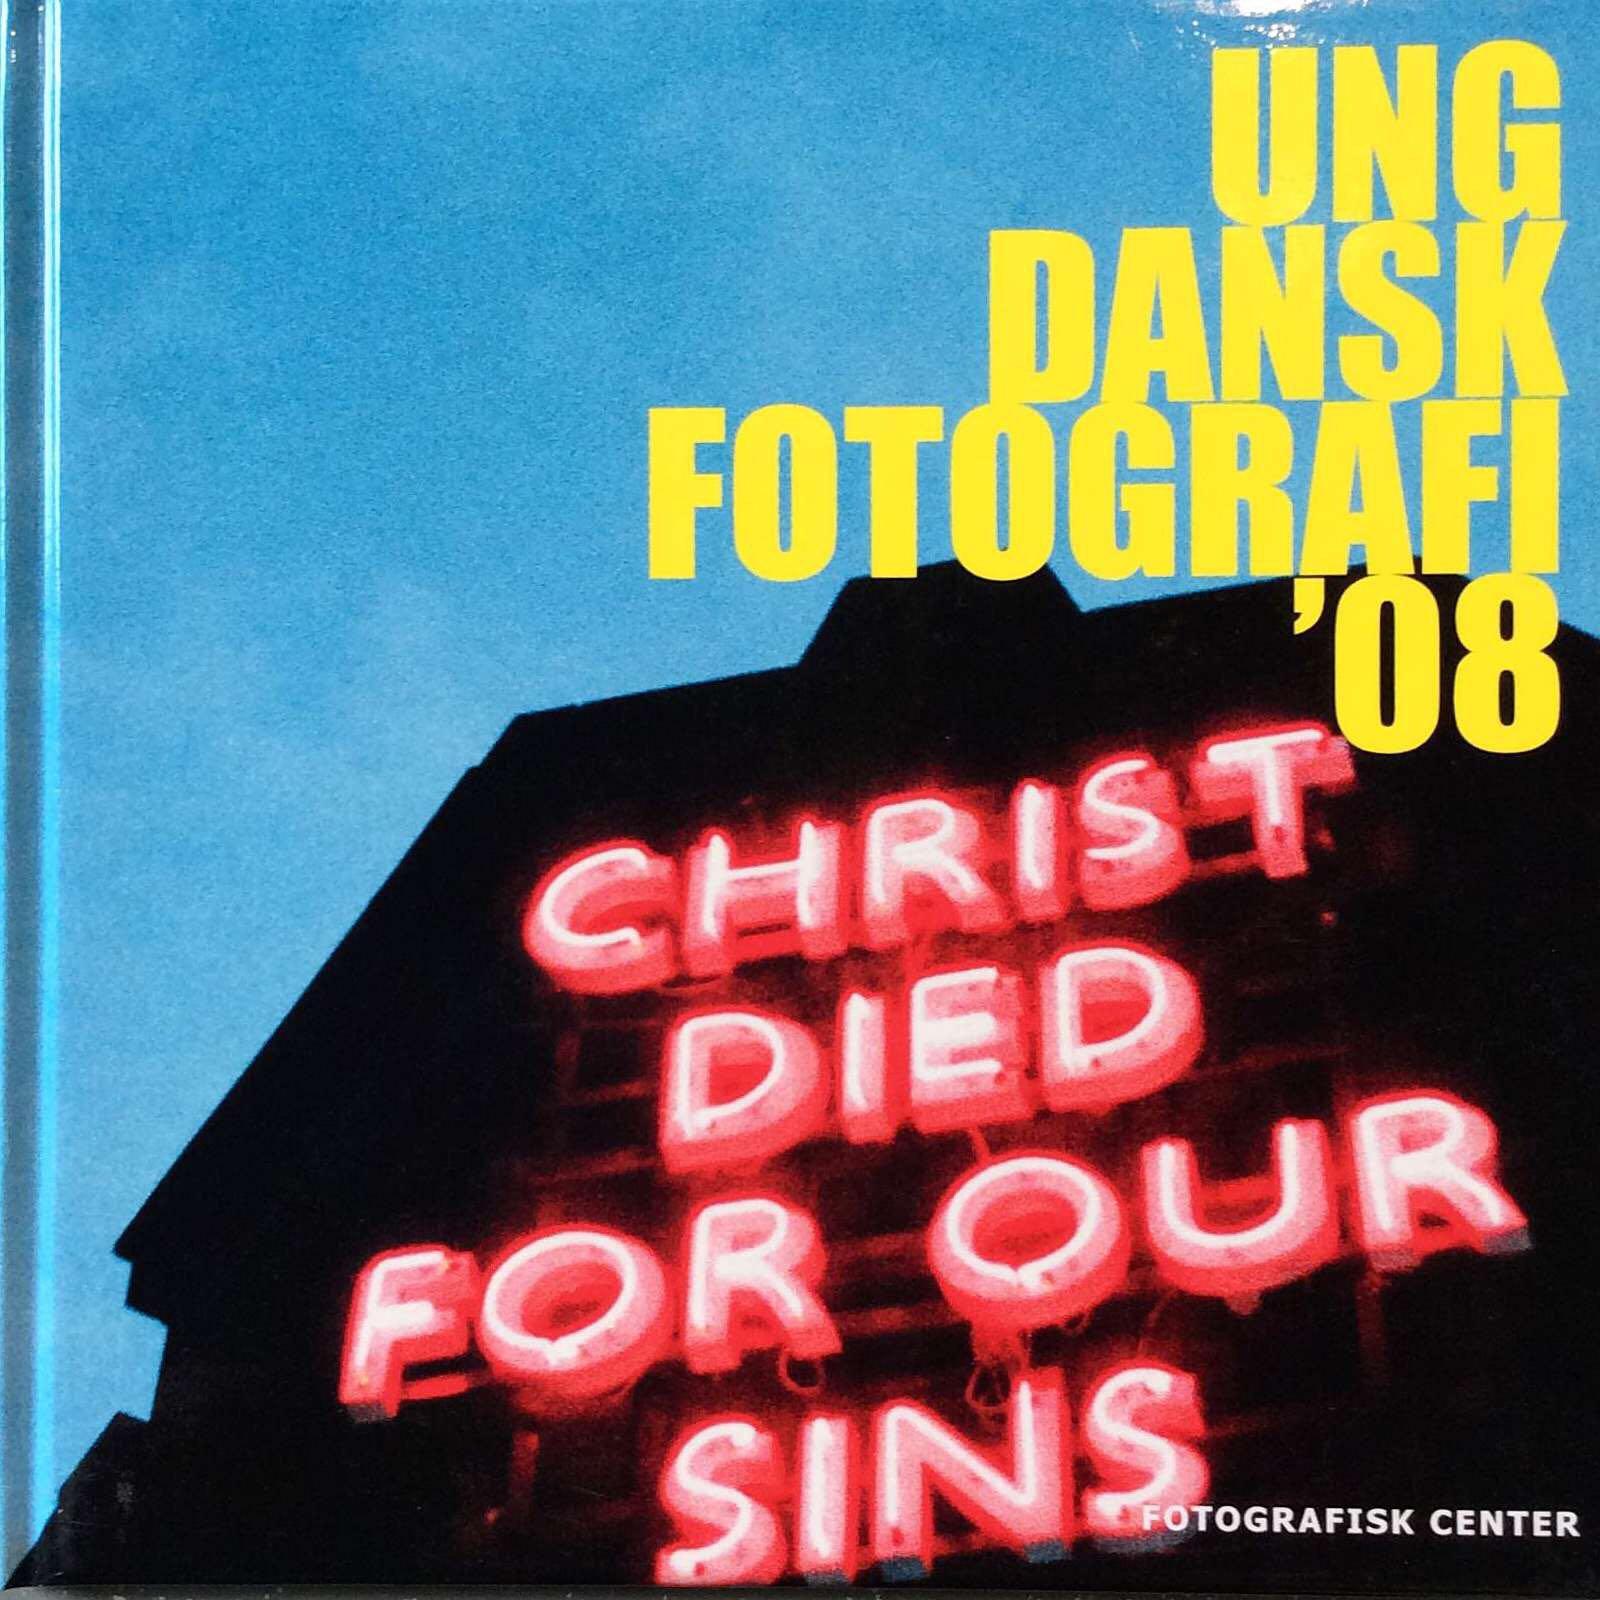 Ung dansk fotografi 2008